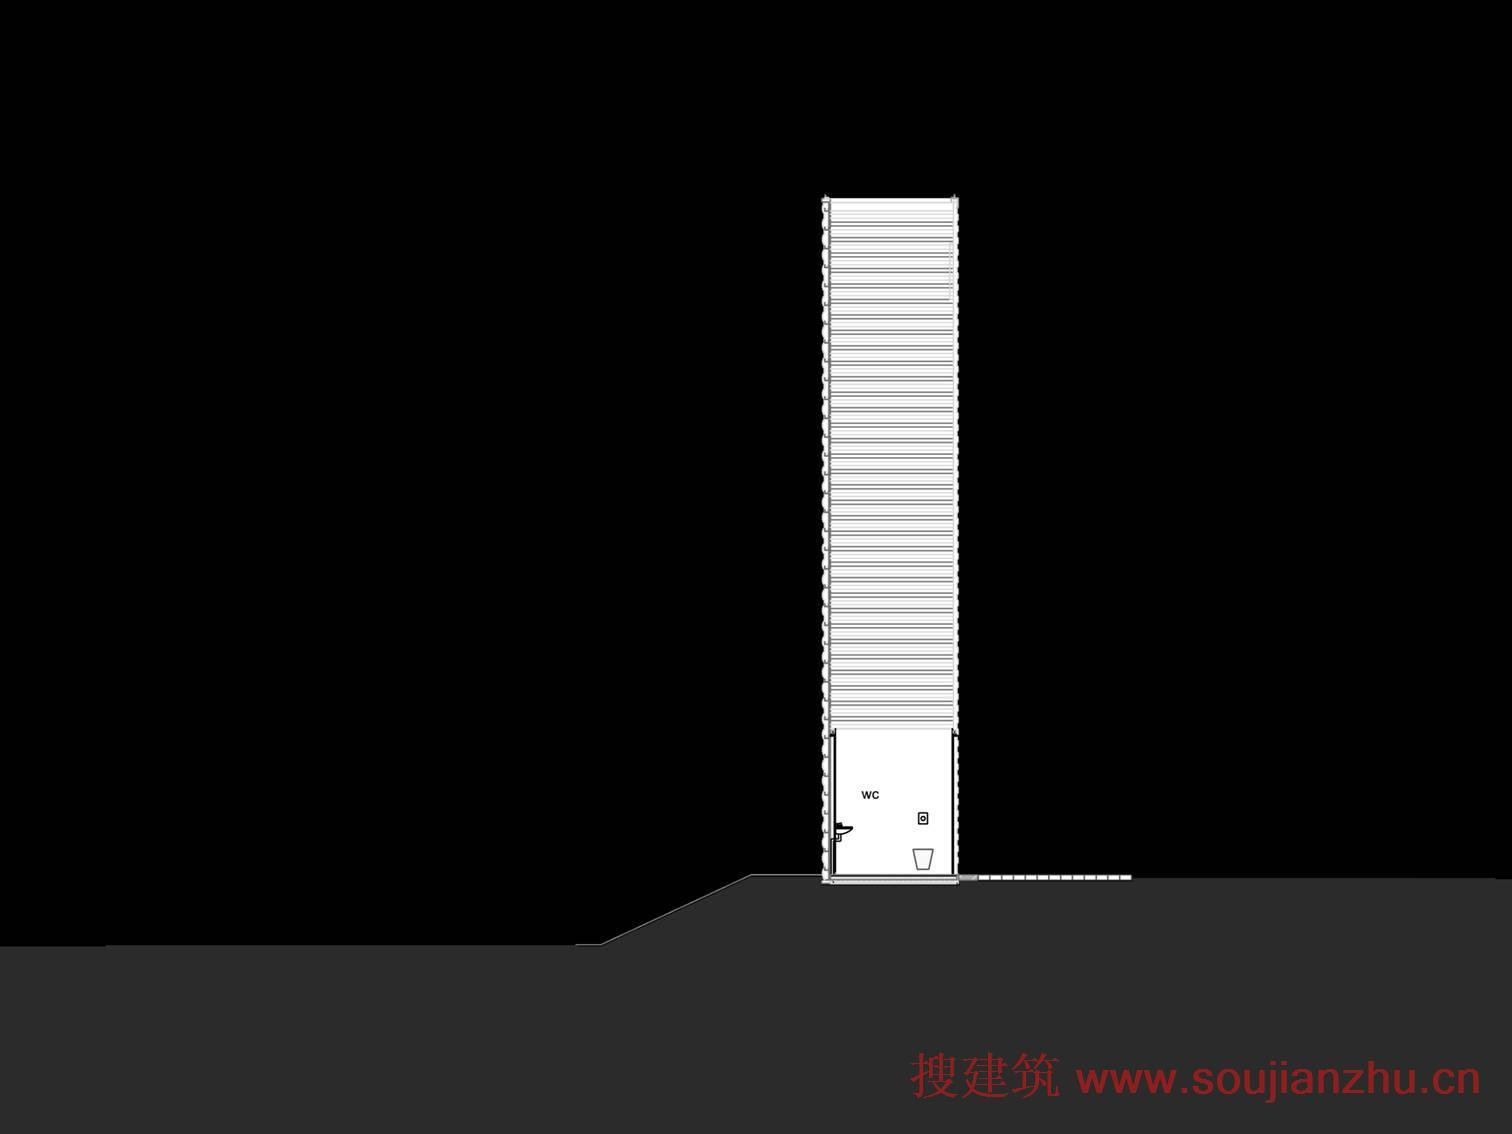 公交站建筑矢量图